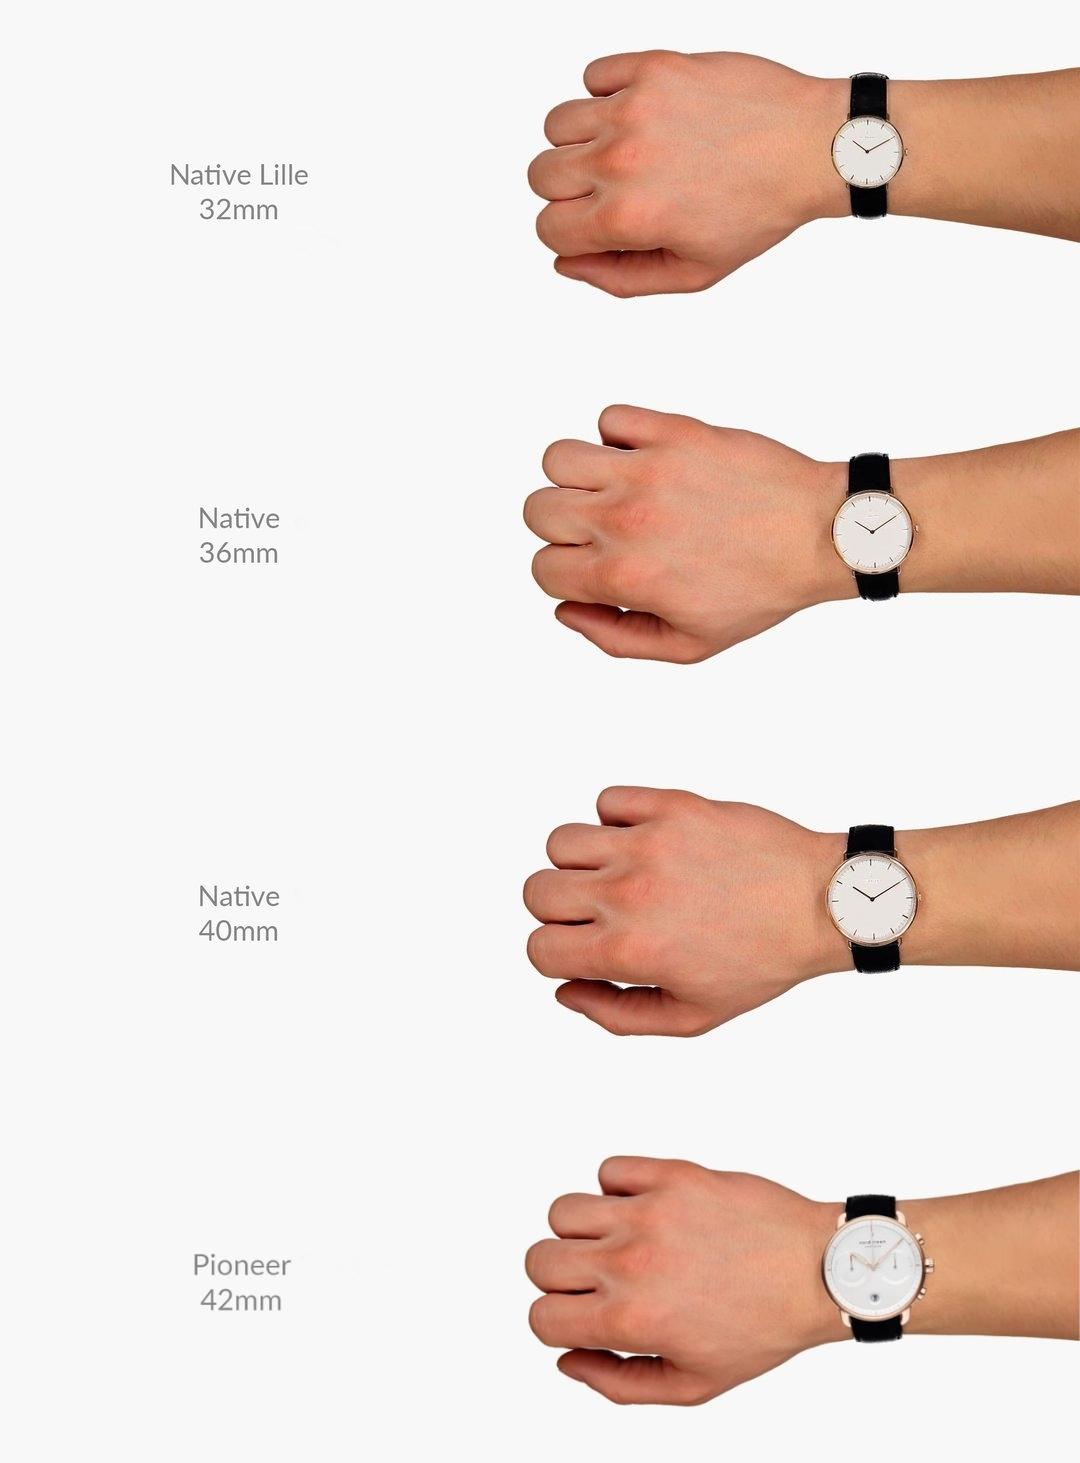 ノードクリーン腕時計 サイズ 別の見え方 Native Pioneer